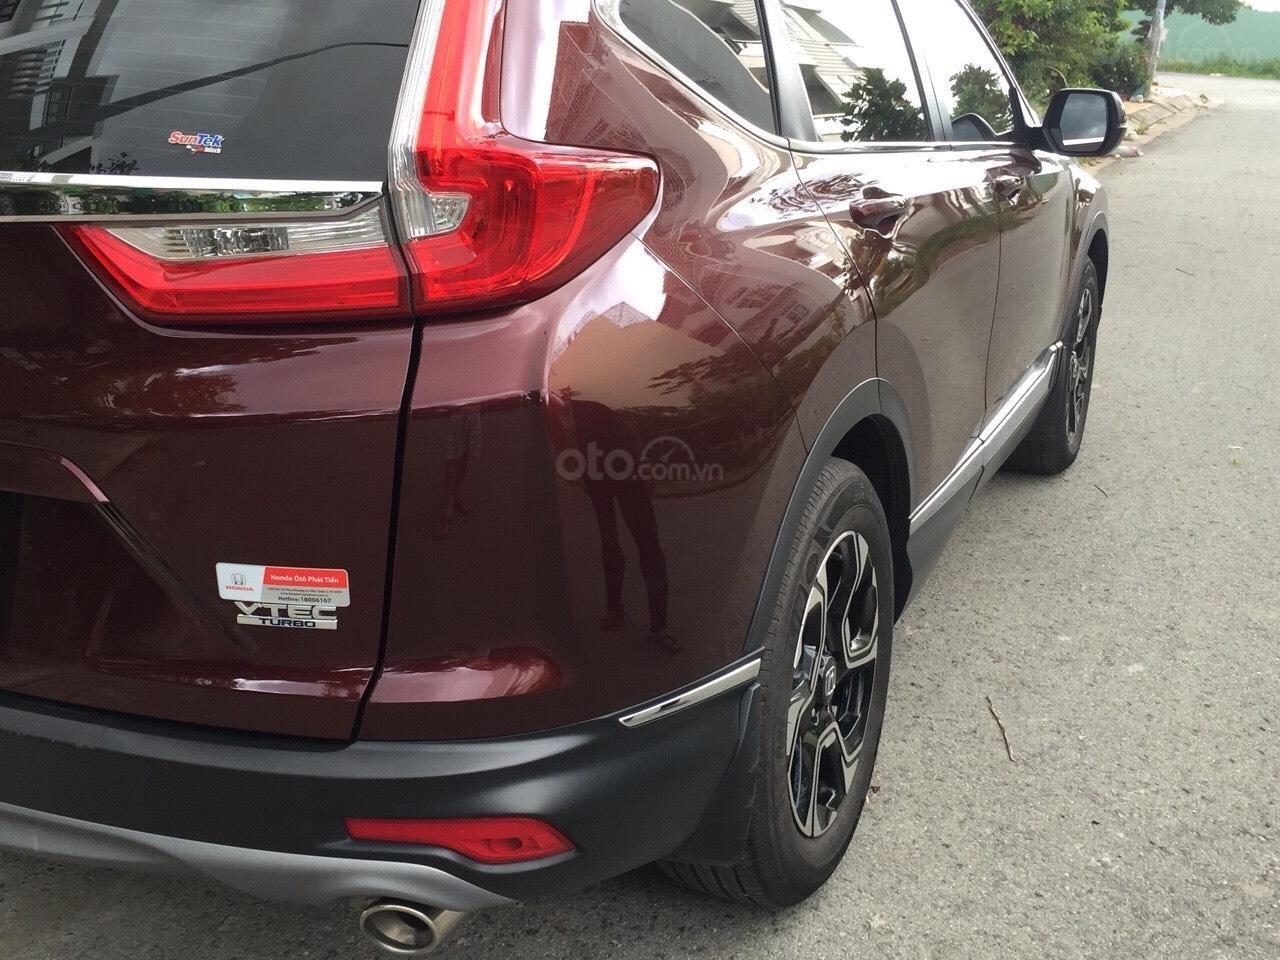 Bán Honda CR-V 1.5G 2018 màu đỏ mận xe đẹp không lỗi đi đúng 11.000km, cam kết chất lượng bao kiểm tra hãng-2